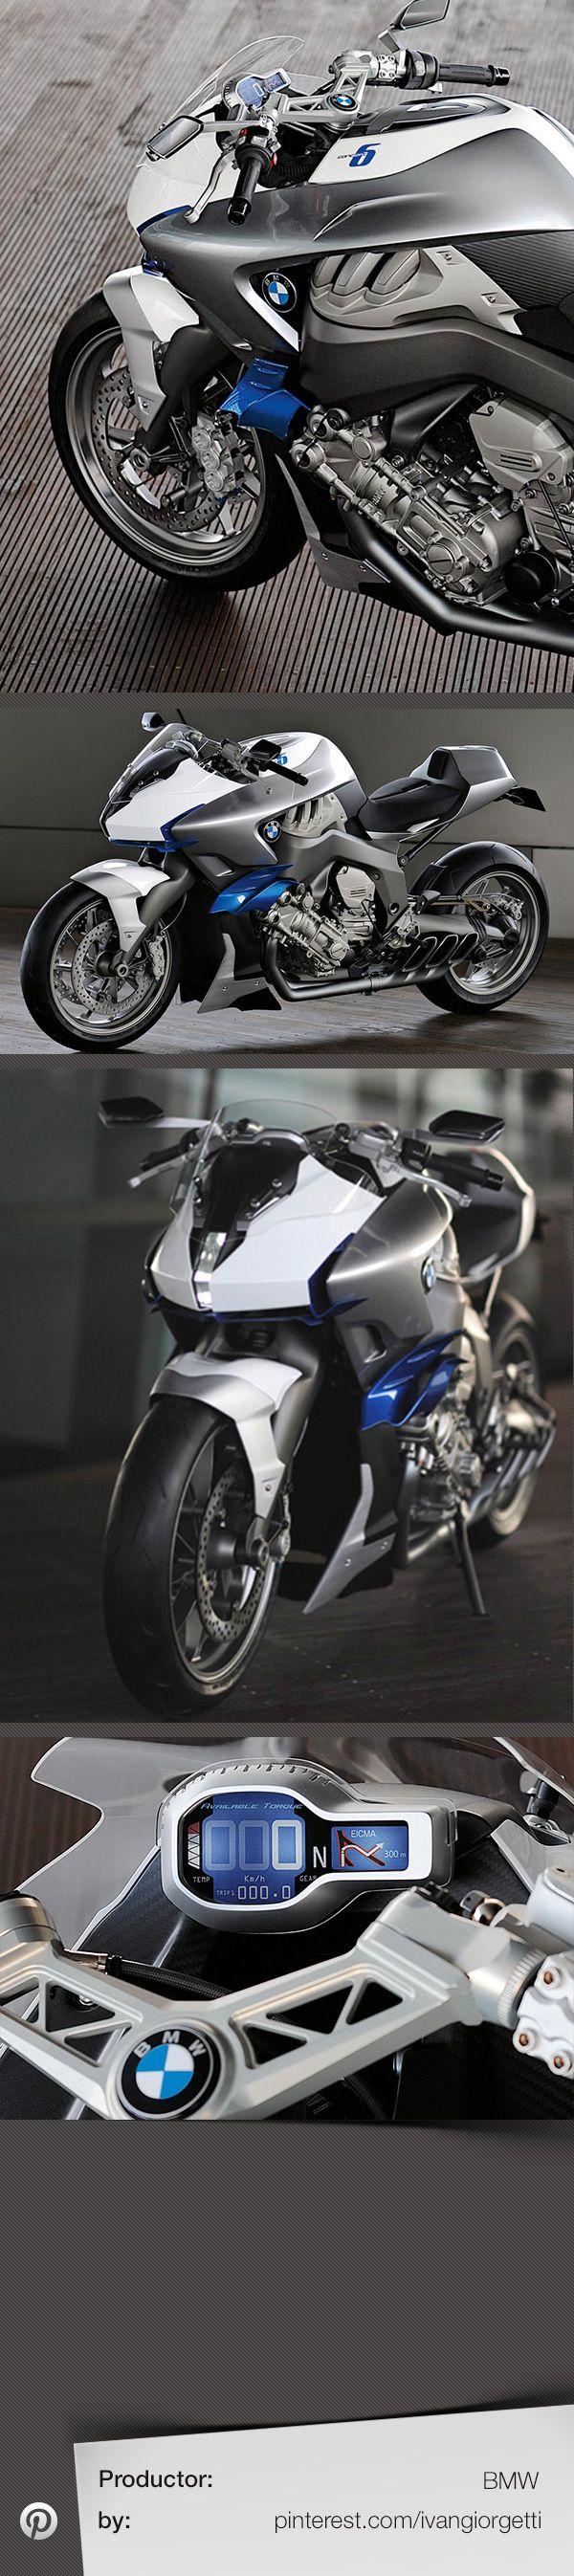 BMW el Concepto 6, la motocicleta de concepto motoproto escribe motocicletas